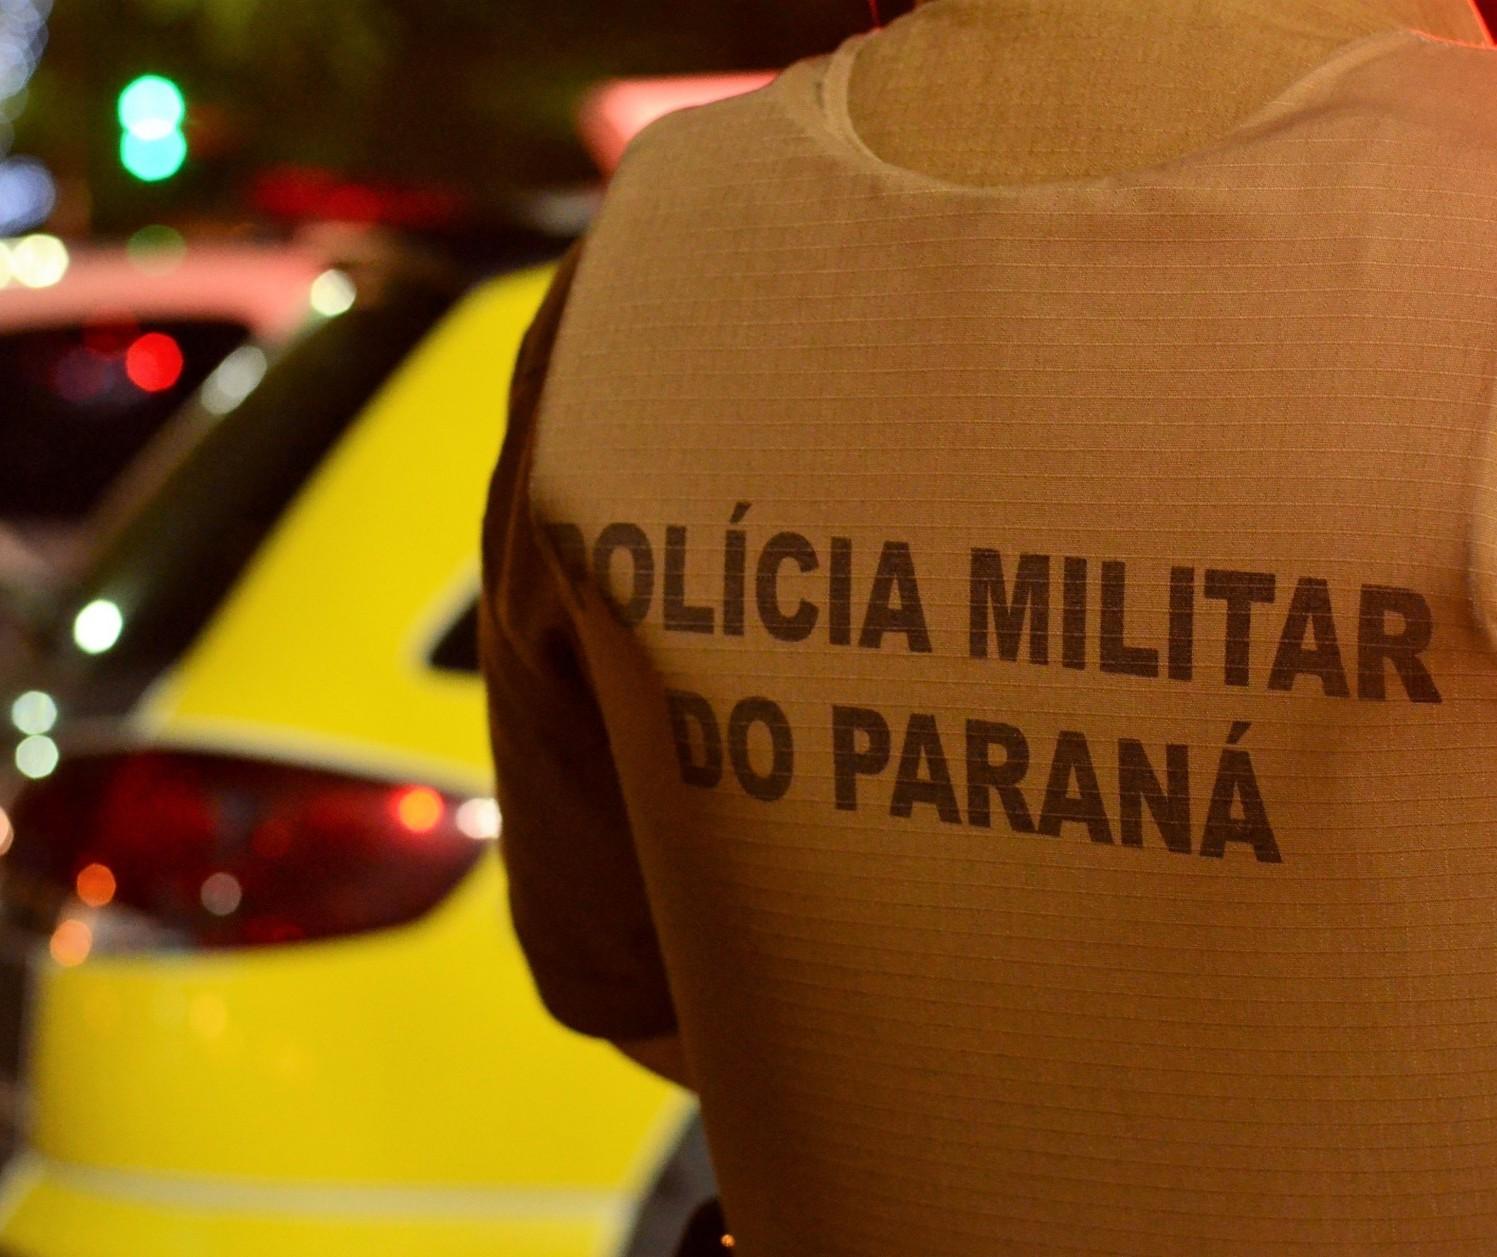 Motorista embriagado é preso após se envolver em acidente em Maringá